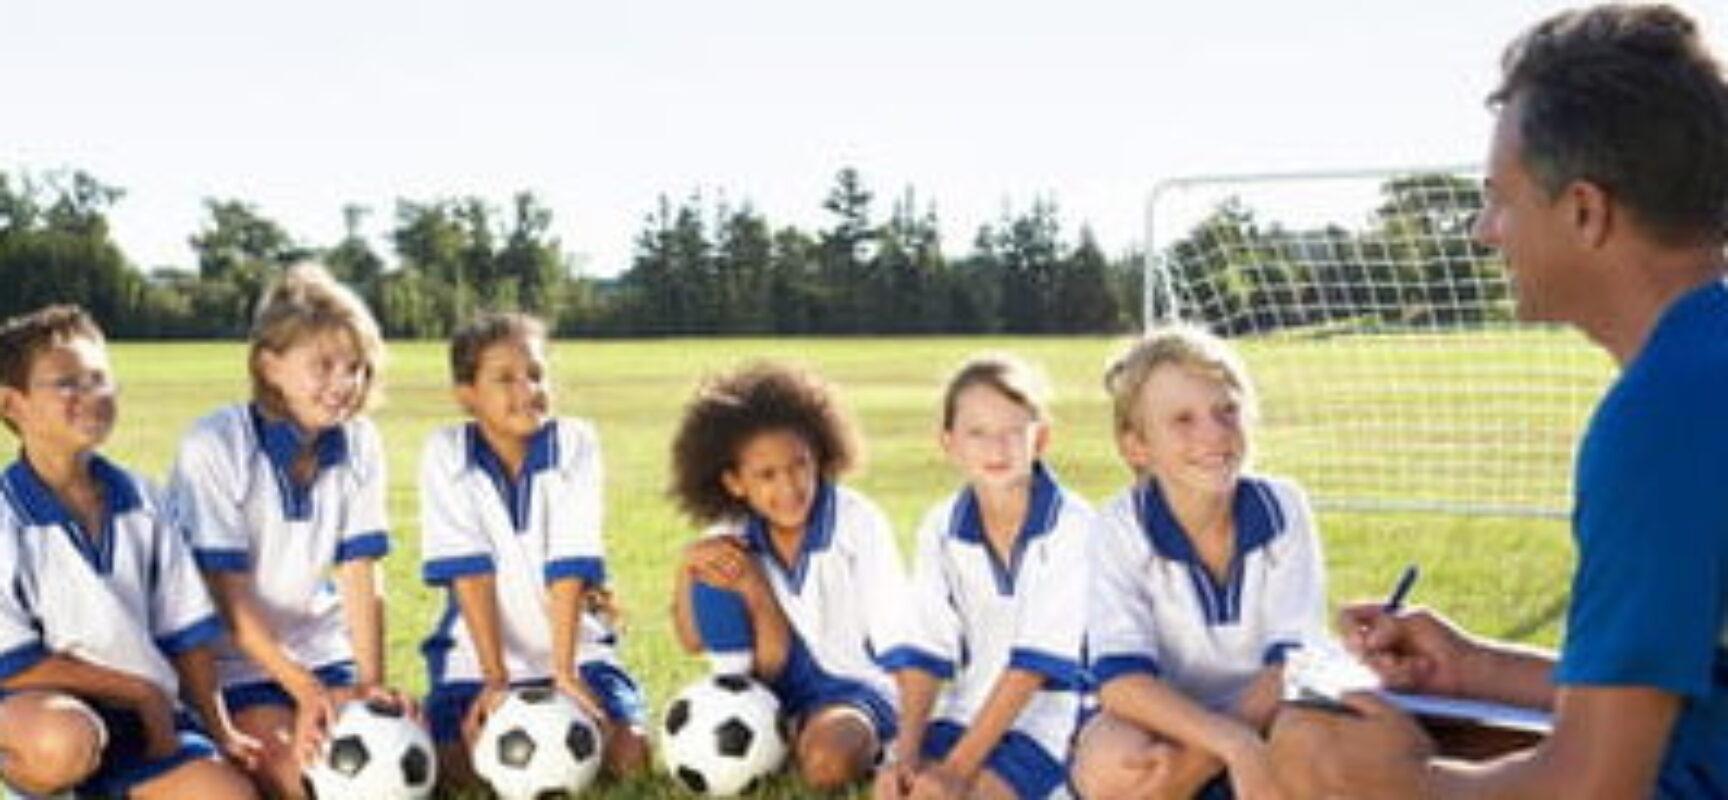 Seu filho quer ser jogador de futebol? Saiba o momento certo de colocá-lo em uma escolinha